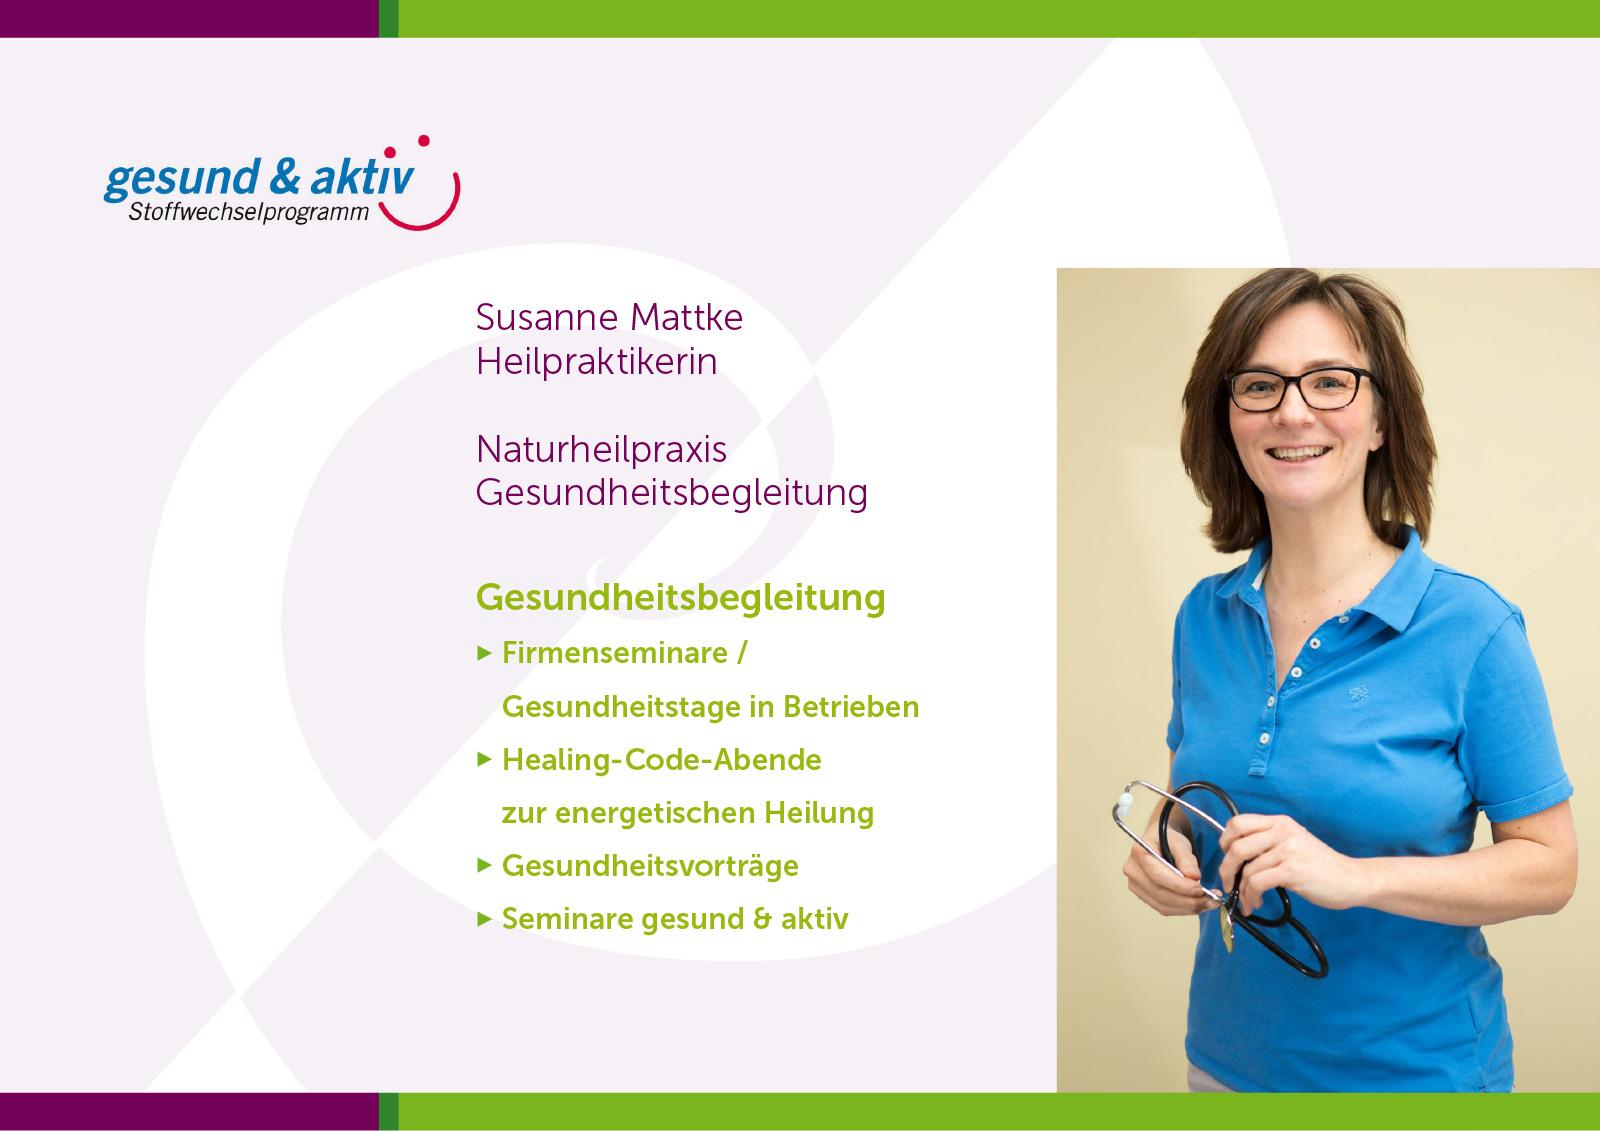 Gesundheitsbegleitung / Firmenseminare: Susanne Mattke, Heilpraktikerin und Fastenkursleiterin. Gesundheitsbegleitung, Therapien, Vorträge, Mobilisierung der Selbstheilungskräfte im Hegau.